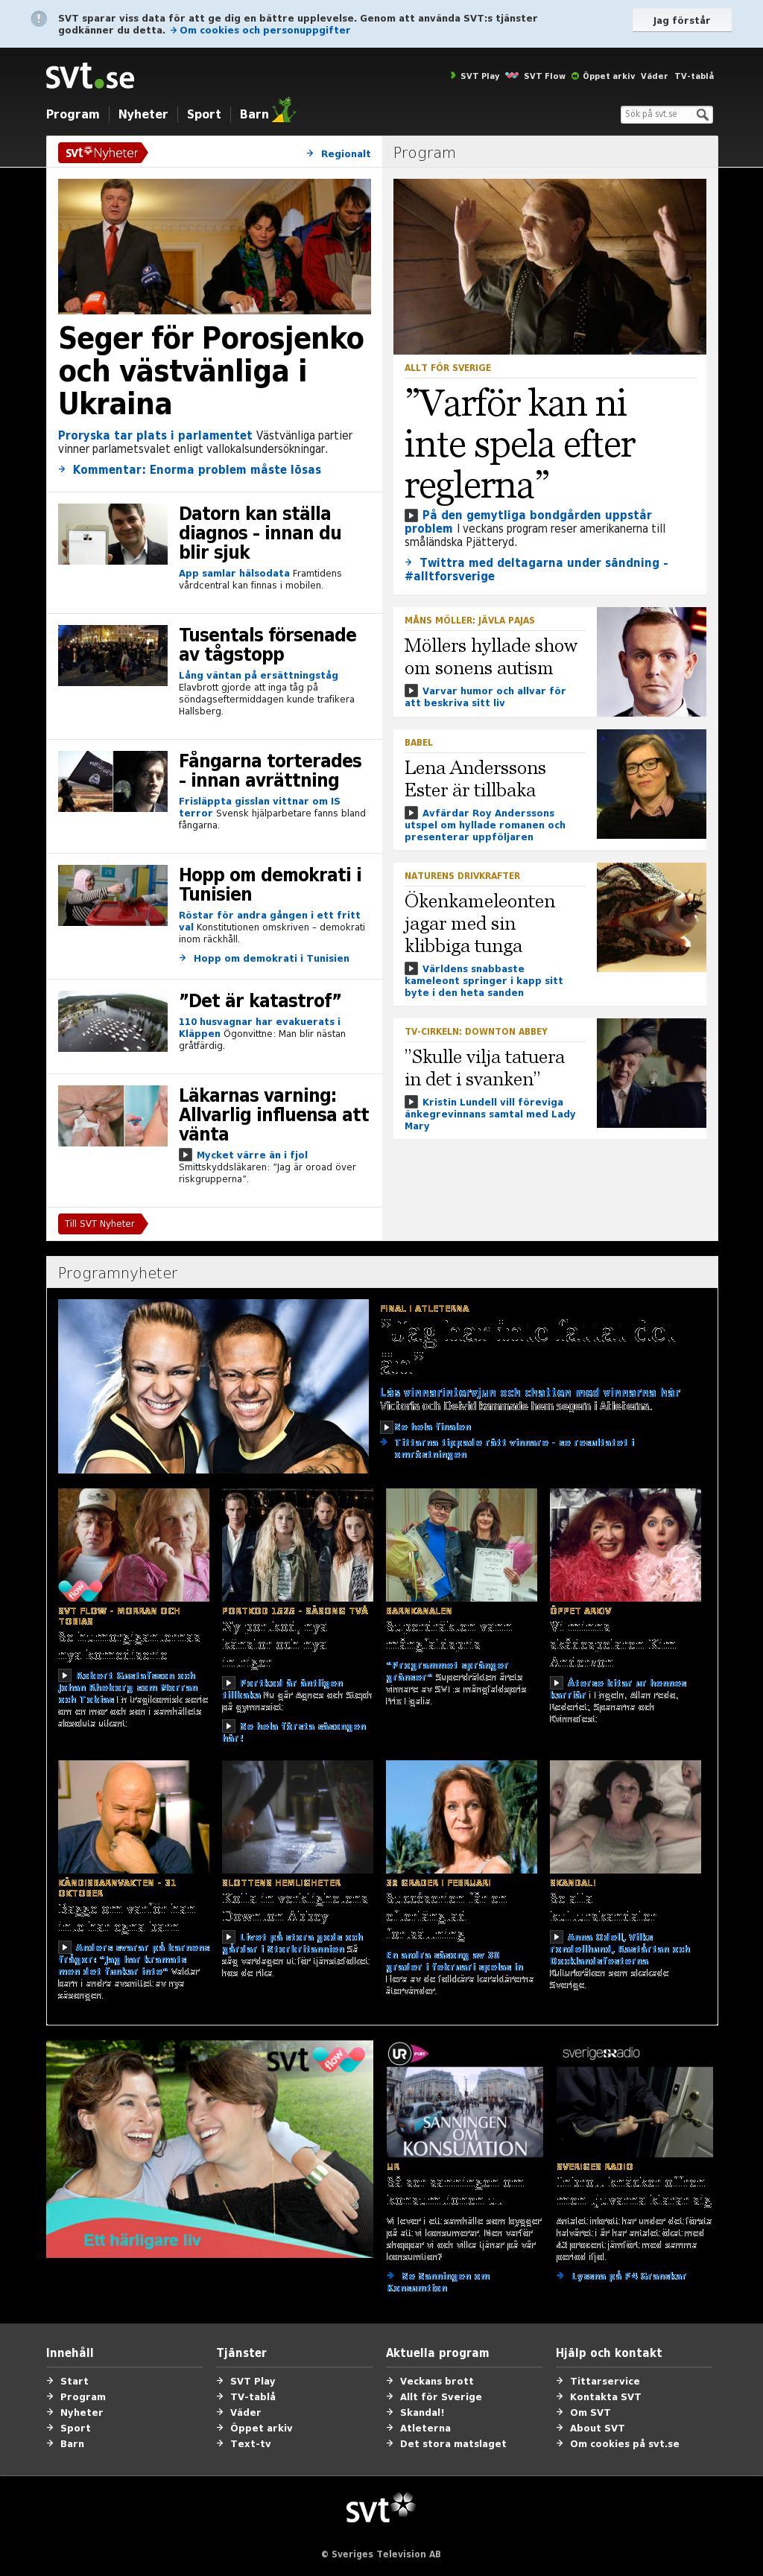 SVT at Sunday Oct. 26, 2014, 9:17 p.m. UTC